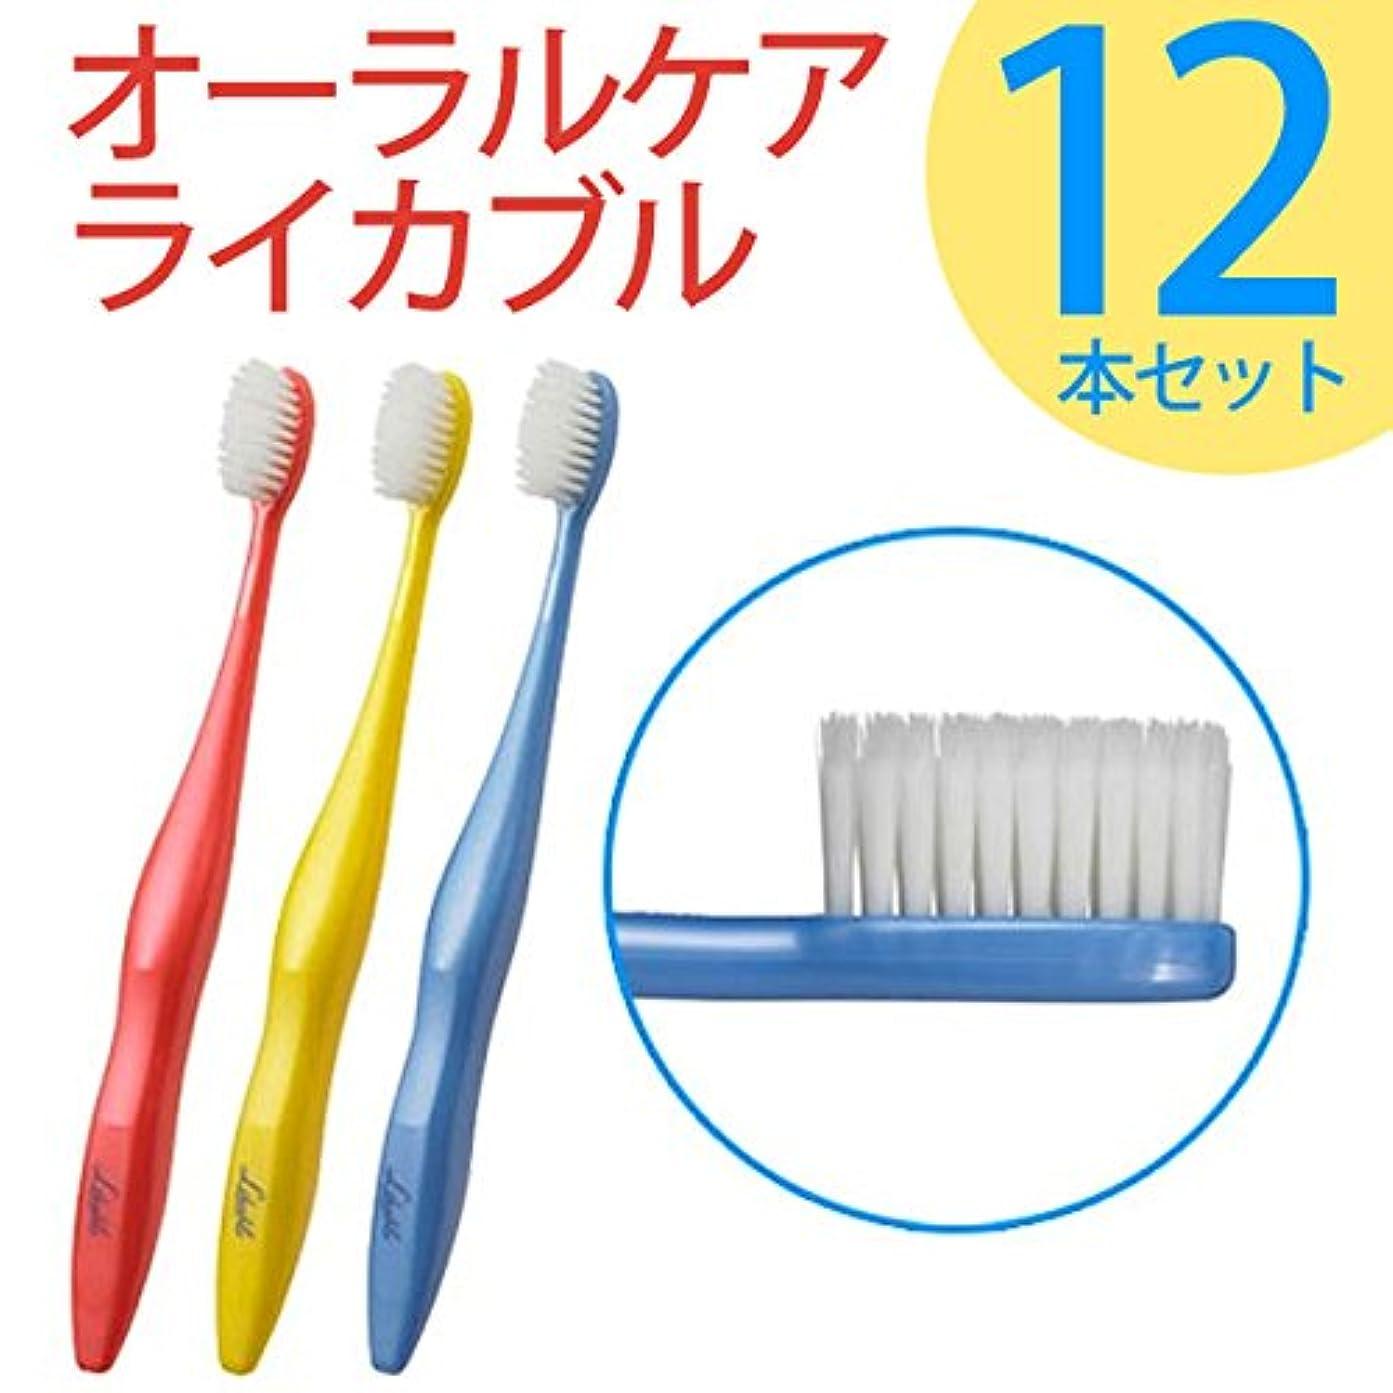 超越する説得力のある気づくなるライカブル ライカブル メンテナンス用 歯ブラシ 12本セット